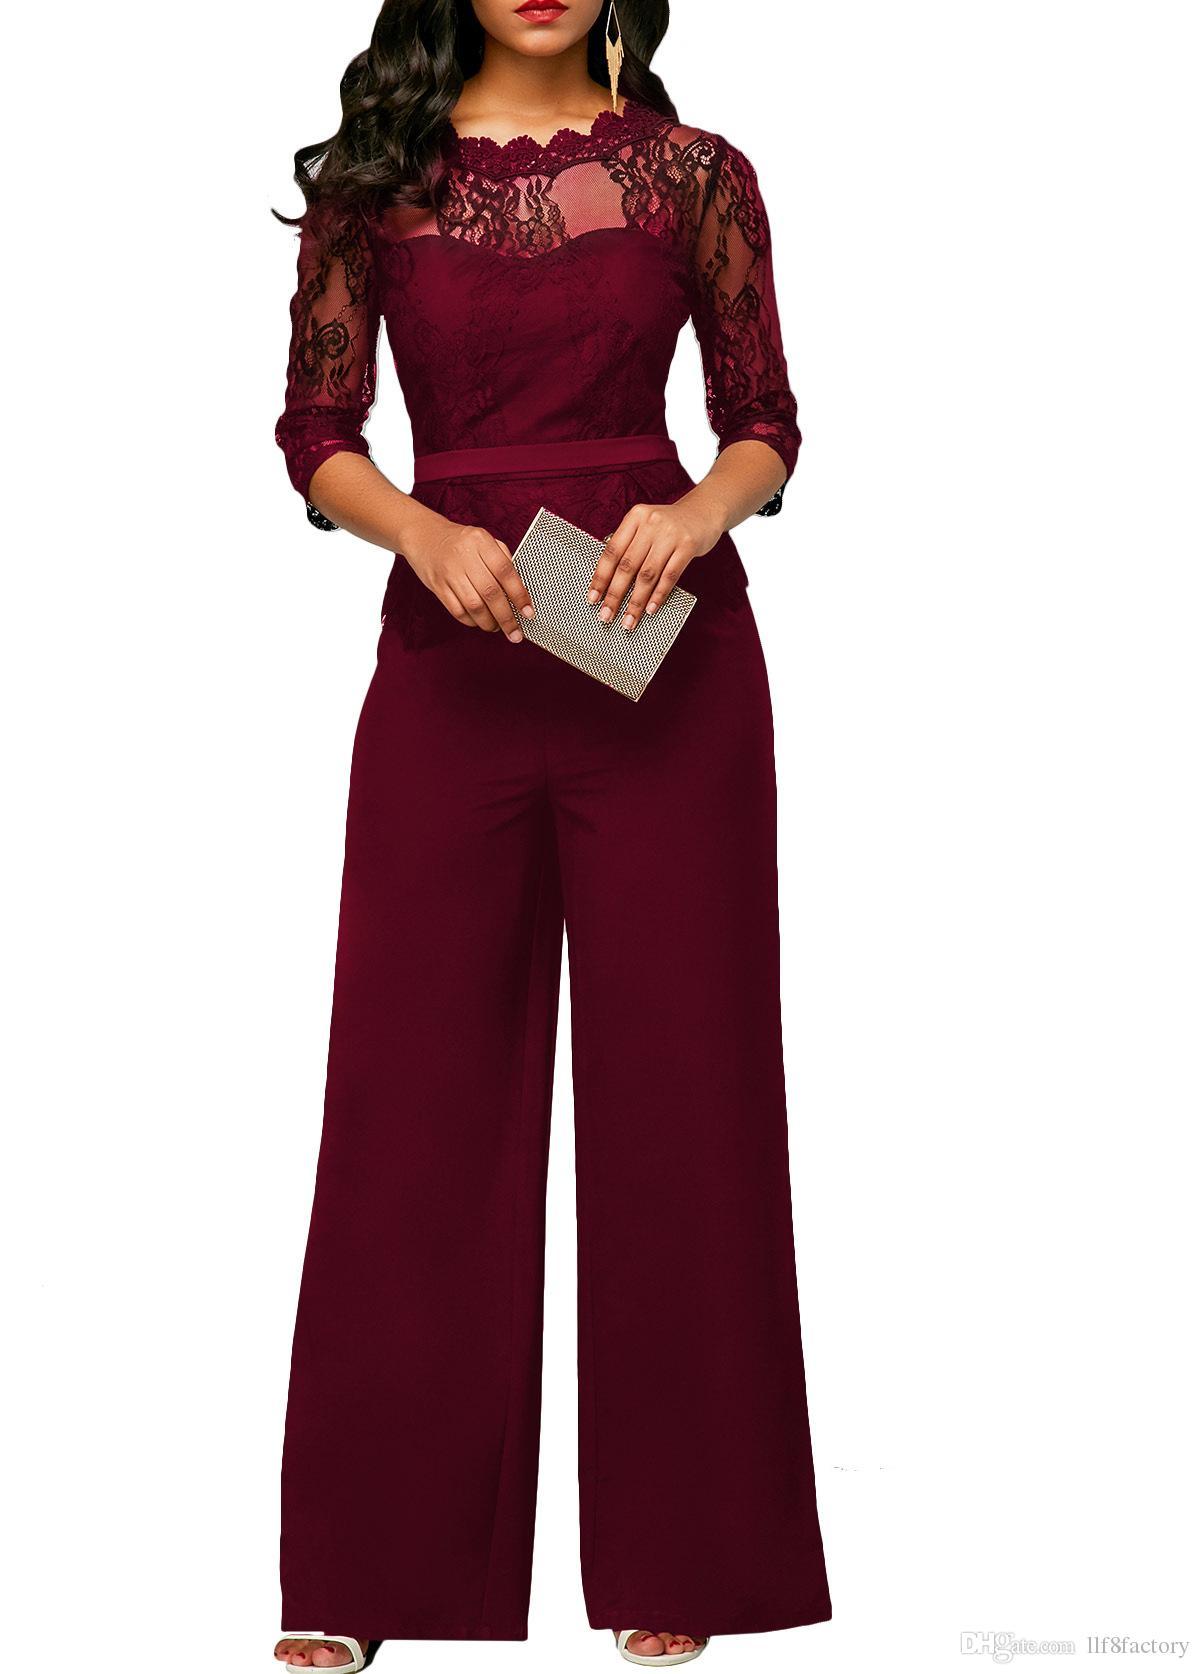 Yeni tasarım seksi ince dantel tulum rahat moda perspektif yuvarlak boyun yarım kollu tulum büyük boy ziyafet tulum 9079